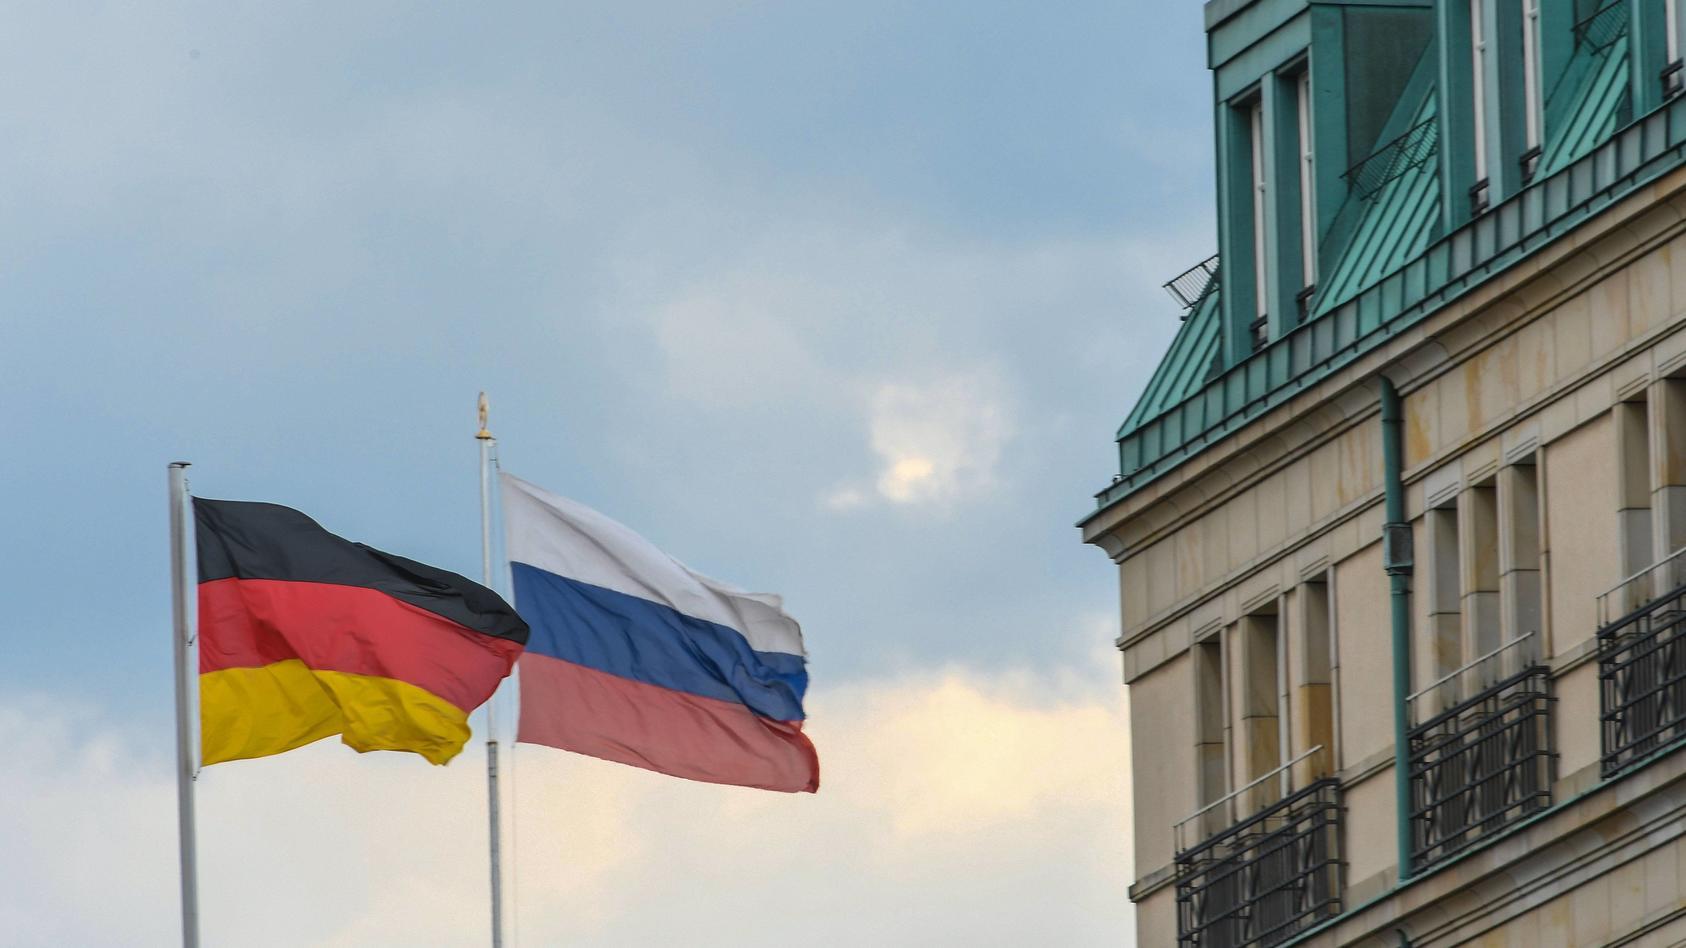 Die deutsche und die russische Fahne wehen in Berlin nahe der Botschaft der russischen Föderation